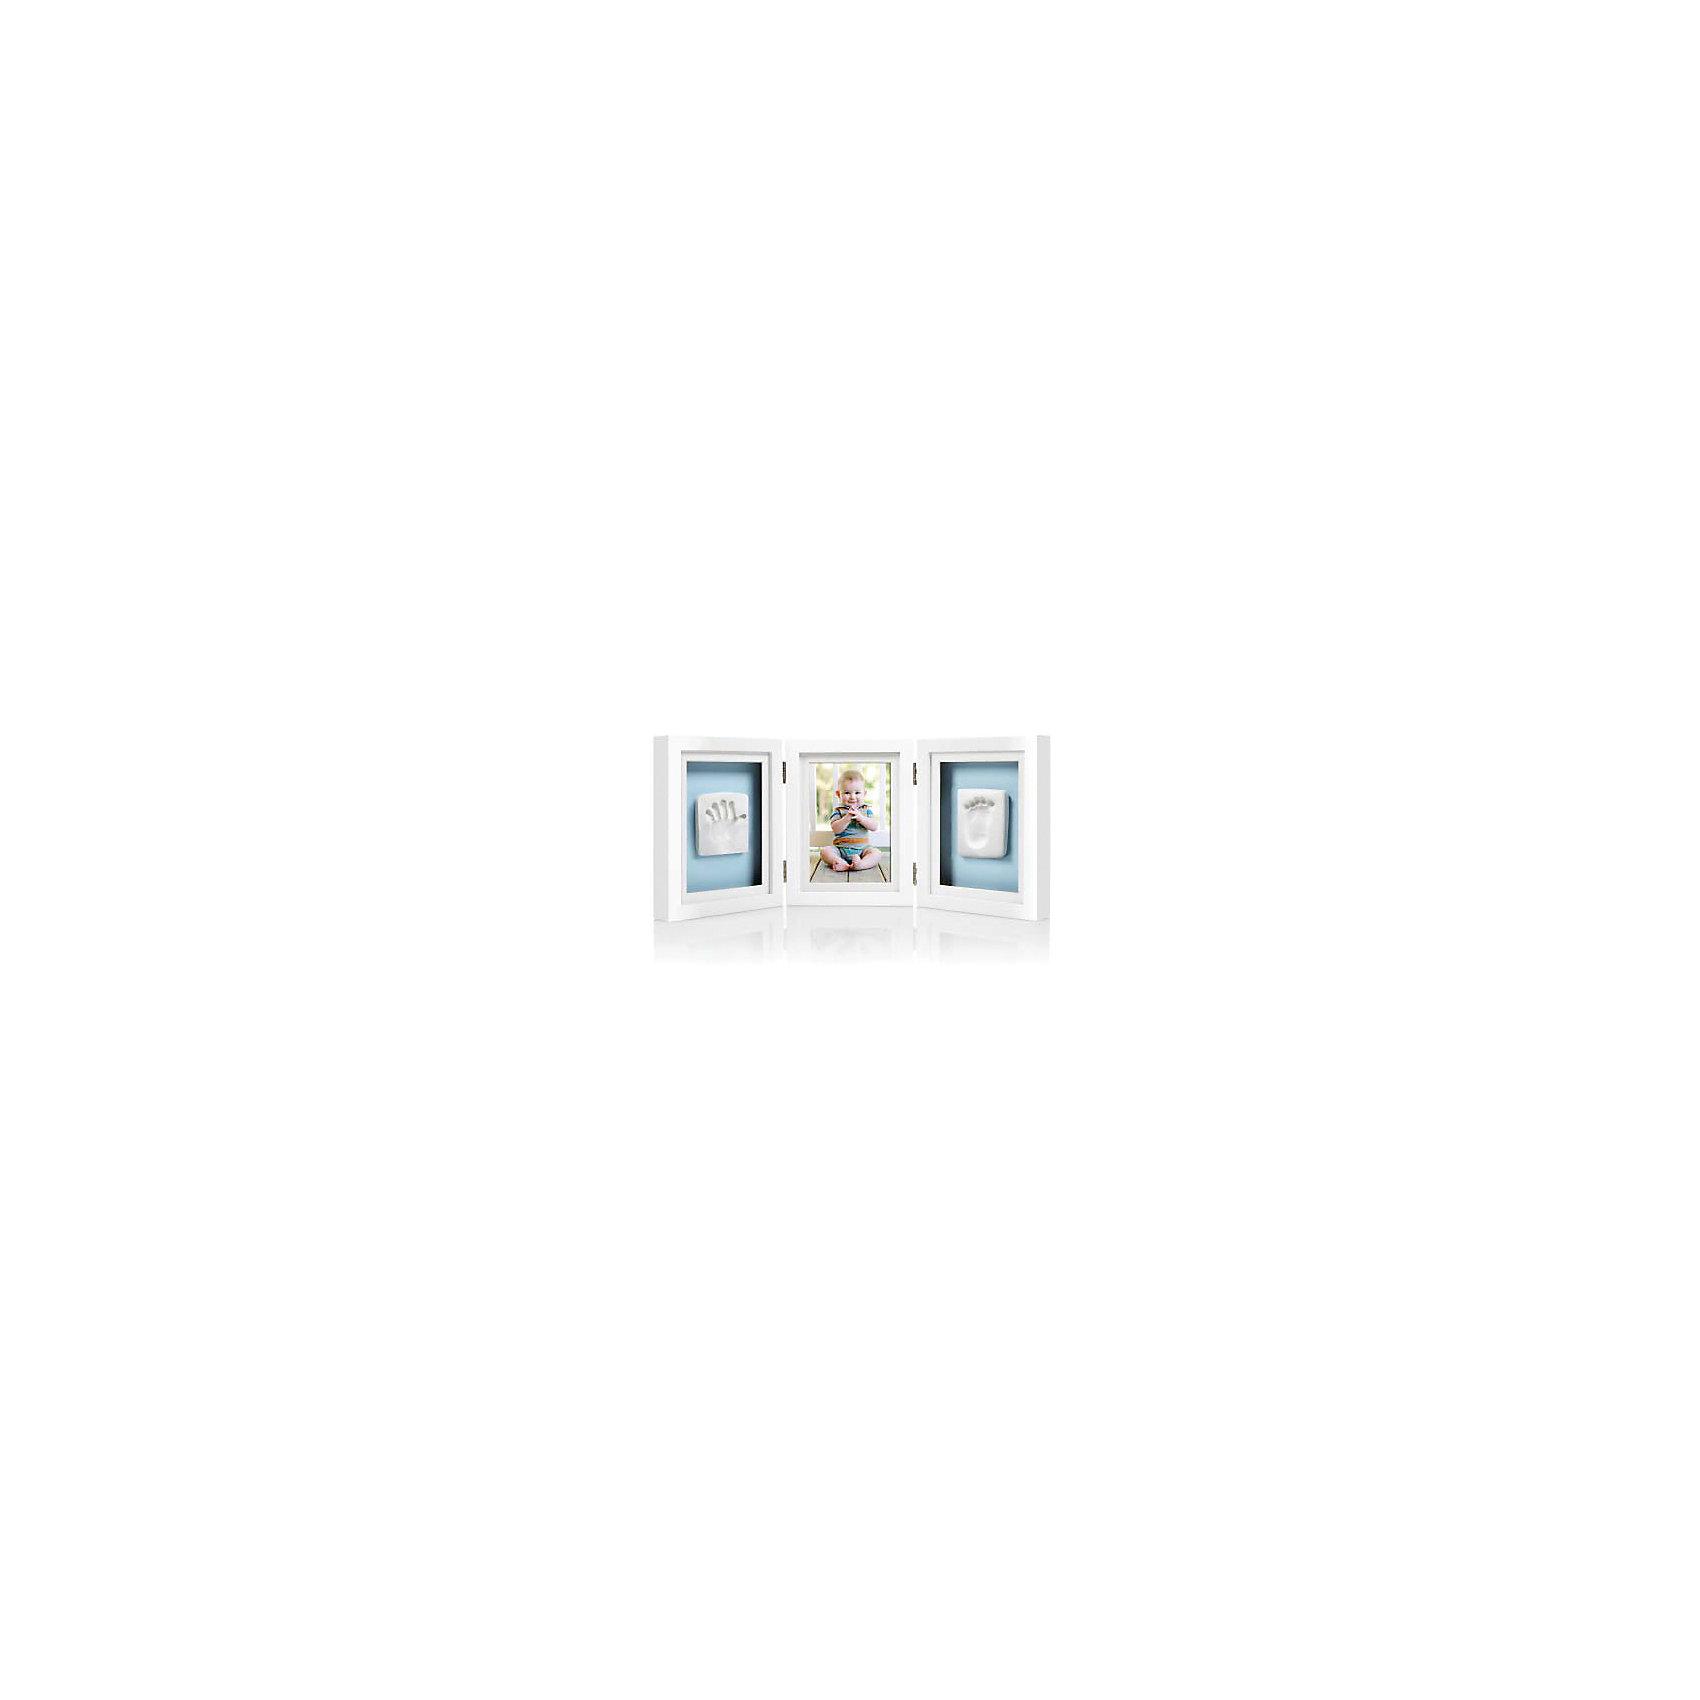 Рамочка тройная складная, PearheadХарактеристики:<br><br>• Цвет: белый<br>• Материал: дерево, стекло, слепочный материал<br>• Комплектация: рамка, материал для изготовления отпечатков, двухцветные подложка для размещения отпечатка и клейкая лента,<br>линейка, инструкция<br>• Тип рамки: для полки<br>• Количество секций: 3<br>• Форма секций: прямоугольник<br>• Складной механизм<br>• Размеры рамки (Д*Ш*В): 29*4*19 см <br>• Вес: 980 г <br>• Особенности ухода: допускается сухая и влажная чистка<br><br>Рамочка тройная складная, Pearhead изготовлена американским торговым брендом, который специализируется на создании подарочных наборов для новорожденных и их родителей. Инновационные технологии, которые используются при создании наборов для изготовления слепков являются безопасными и не вызывают аллергии. <br><br>Разработанный специальным образом материал для снятия слепков обеспечивает чистое касание детской ручки или ножки. В набор входит рамка, состоящая из трех секций разной формы, необходимые материалы и инструменты для создания детских слепков. Рамочка изготовлена из дерева, предназначена для размещения на полке или столе, имеет складной механизм. Изделие выполнено в классическом дизайне, поэтому подойдет для интерьера любого стилевого направления. <br><br>Рамочку тройную складную, Pearhead можно купить в нашем интернет-магазине.<br><br>Ширина мм: 450<br>Глубина мм: 40<br>Высота мм: 190<br>Вес г: 950<br>Возраст от месяцев: 0<br>Возраст до месяцев: 84<br>Пол: Унисекс<br>Возраст: Детский<br>SKU: 5482403